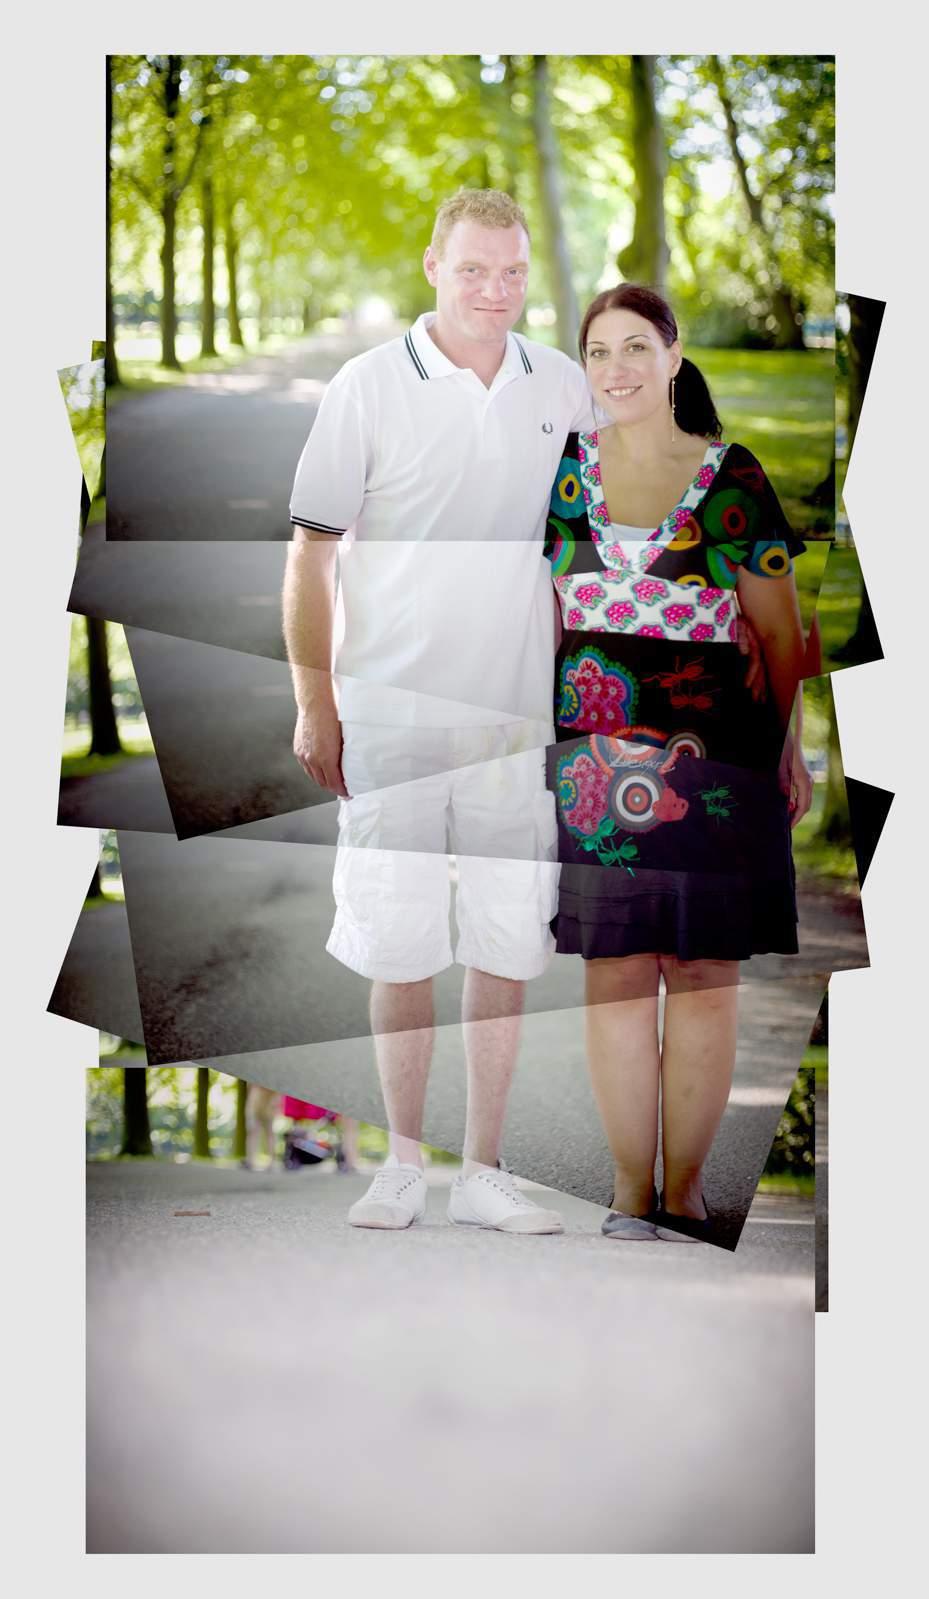 mexico-fotografo-retrato-boda-familia-montage-portrait-borrelli (48).jpg